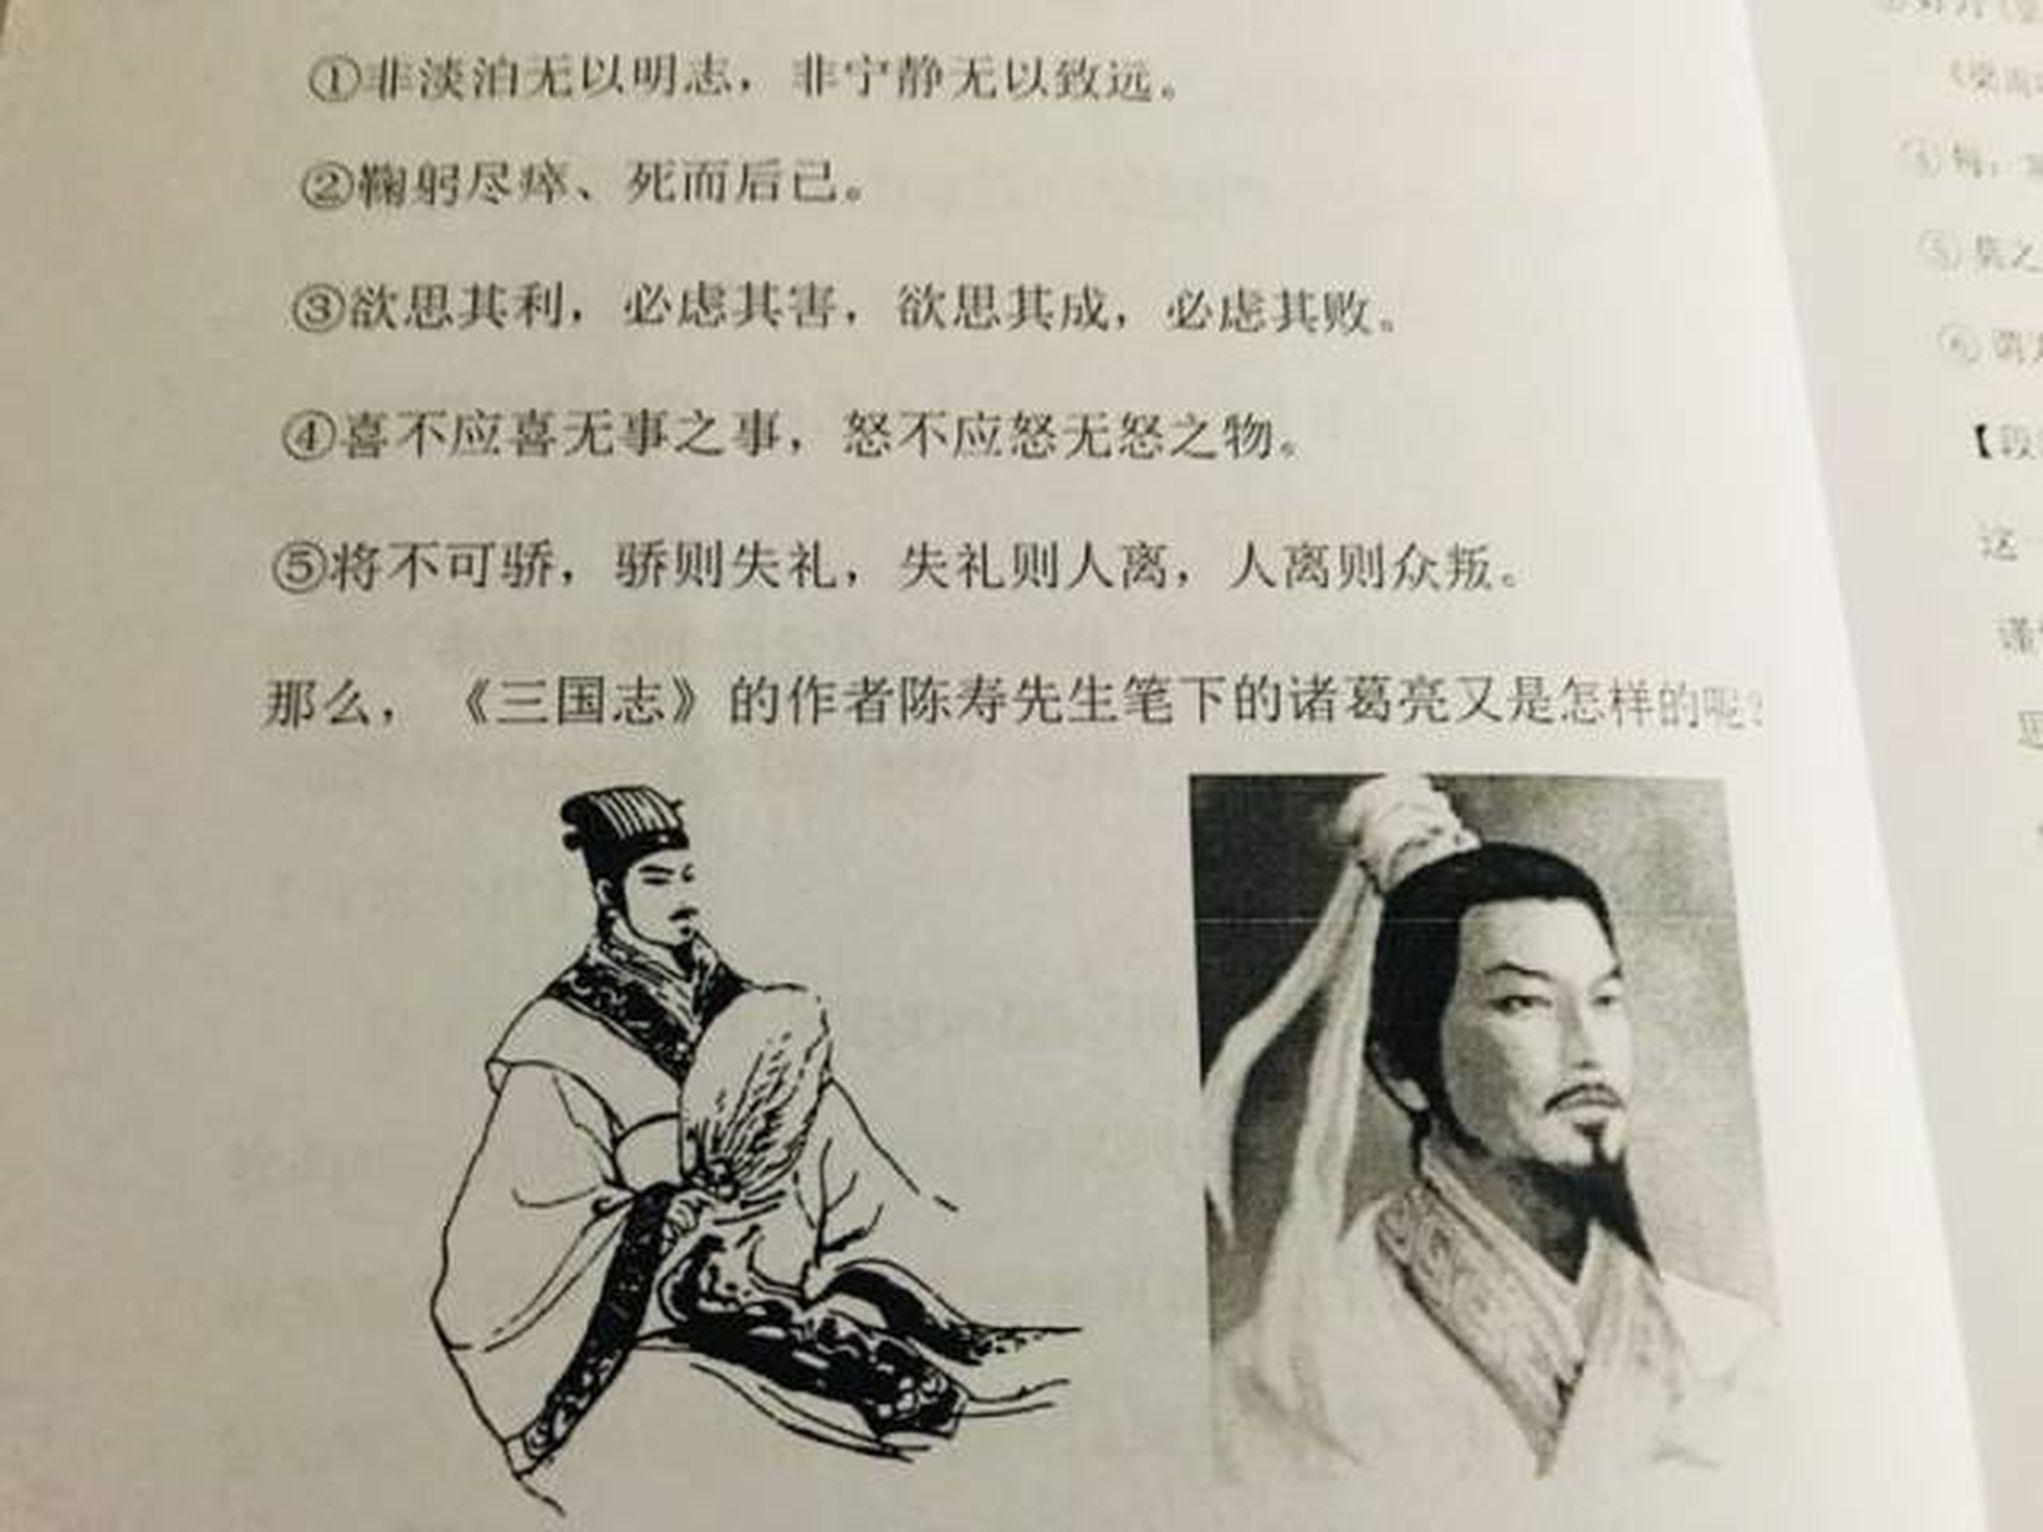 教材將課文中的人物衍生,讓其更生動鮮活。(取材自中國新聞網)